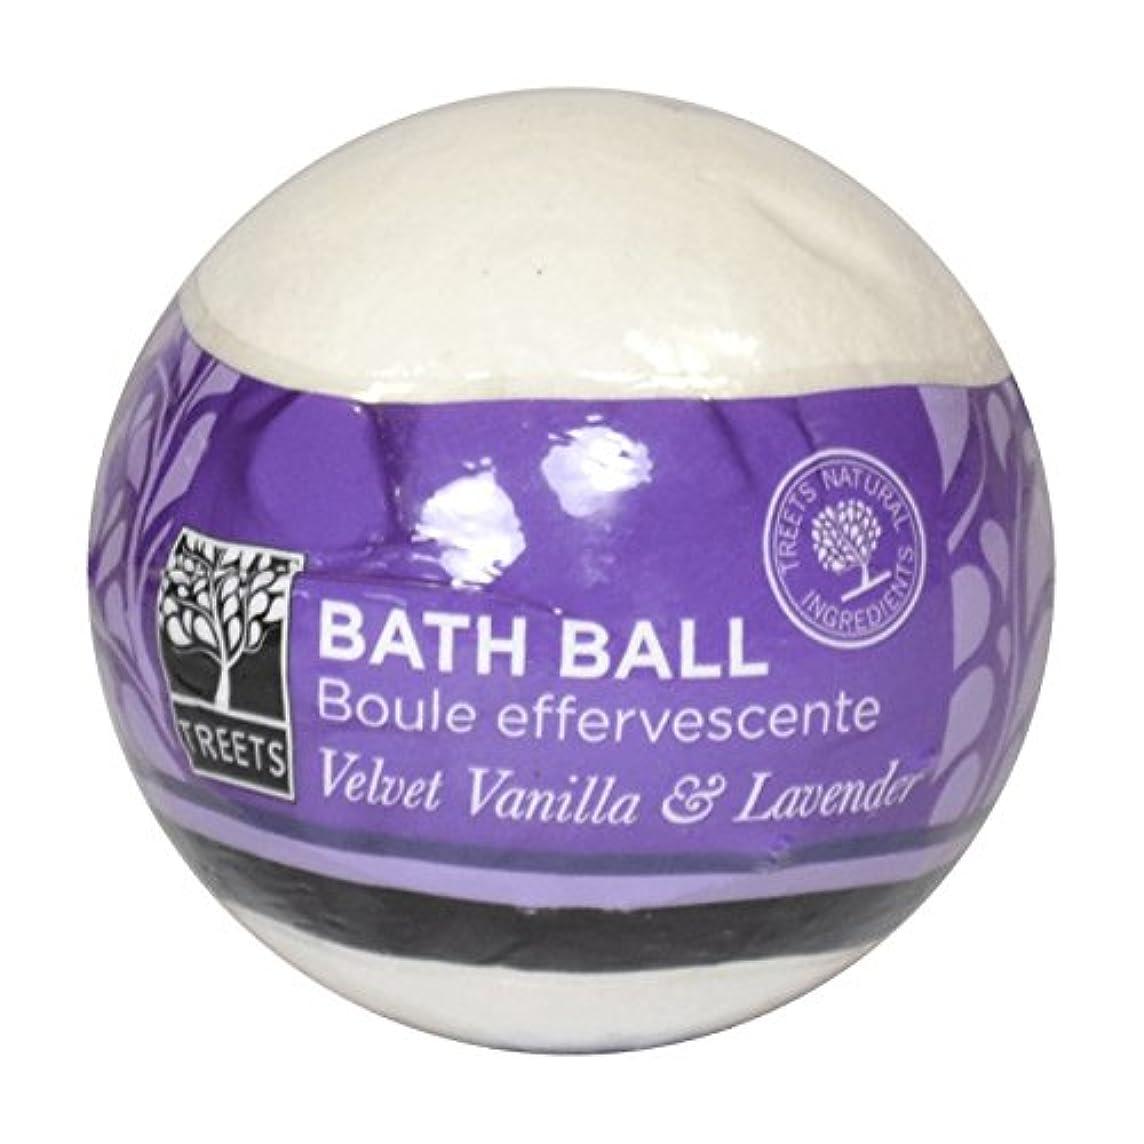 ベテランマントルサルベージTreets Velvet Vanilla & Lavender Bath Ball (Pack of 6) - Treetsベルベットのバニラ&ラベンダーバスボール (x6) [並行輸入品]